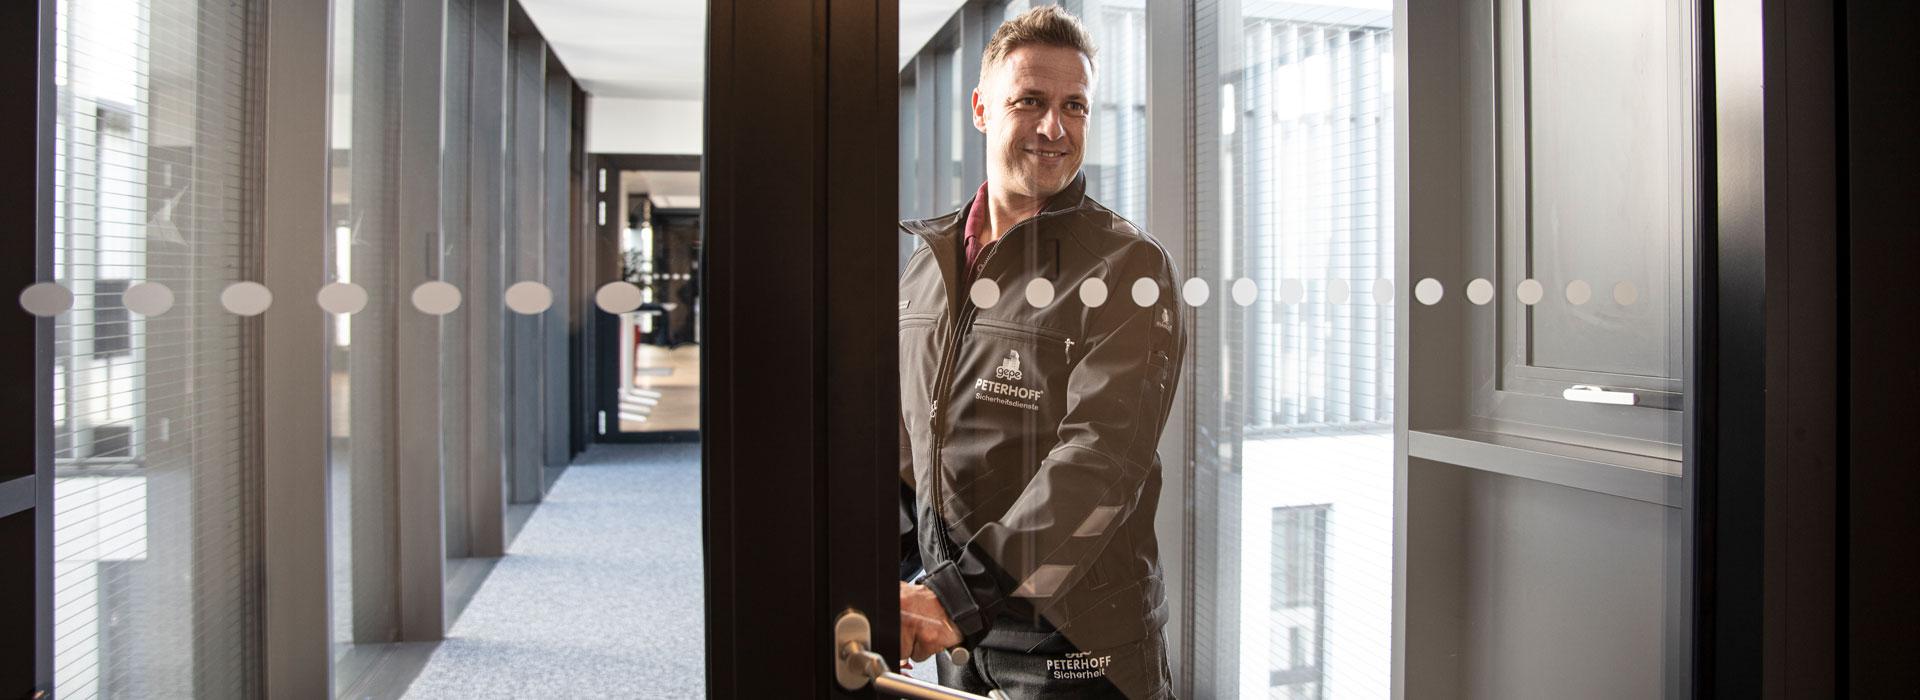 Gebäudesicherheit - gepe Gebäudedienste Peterhoff